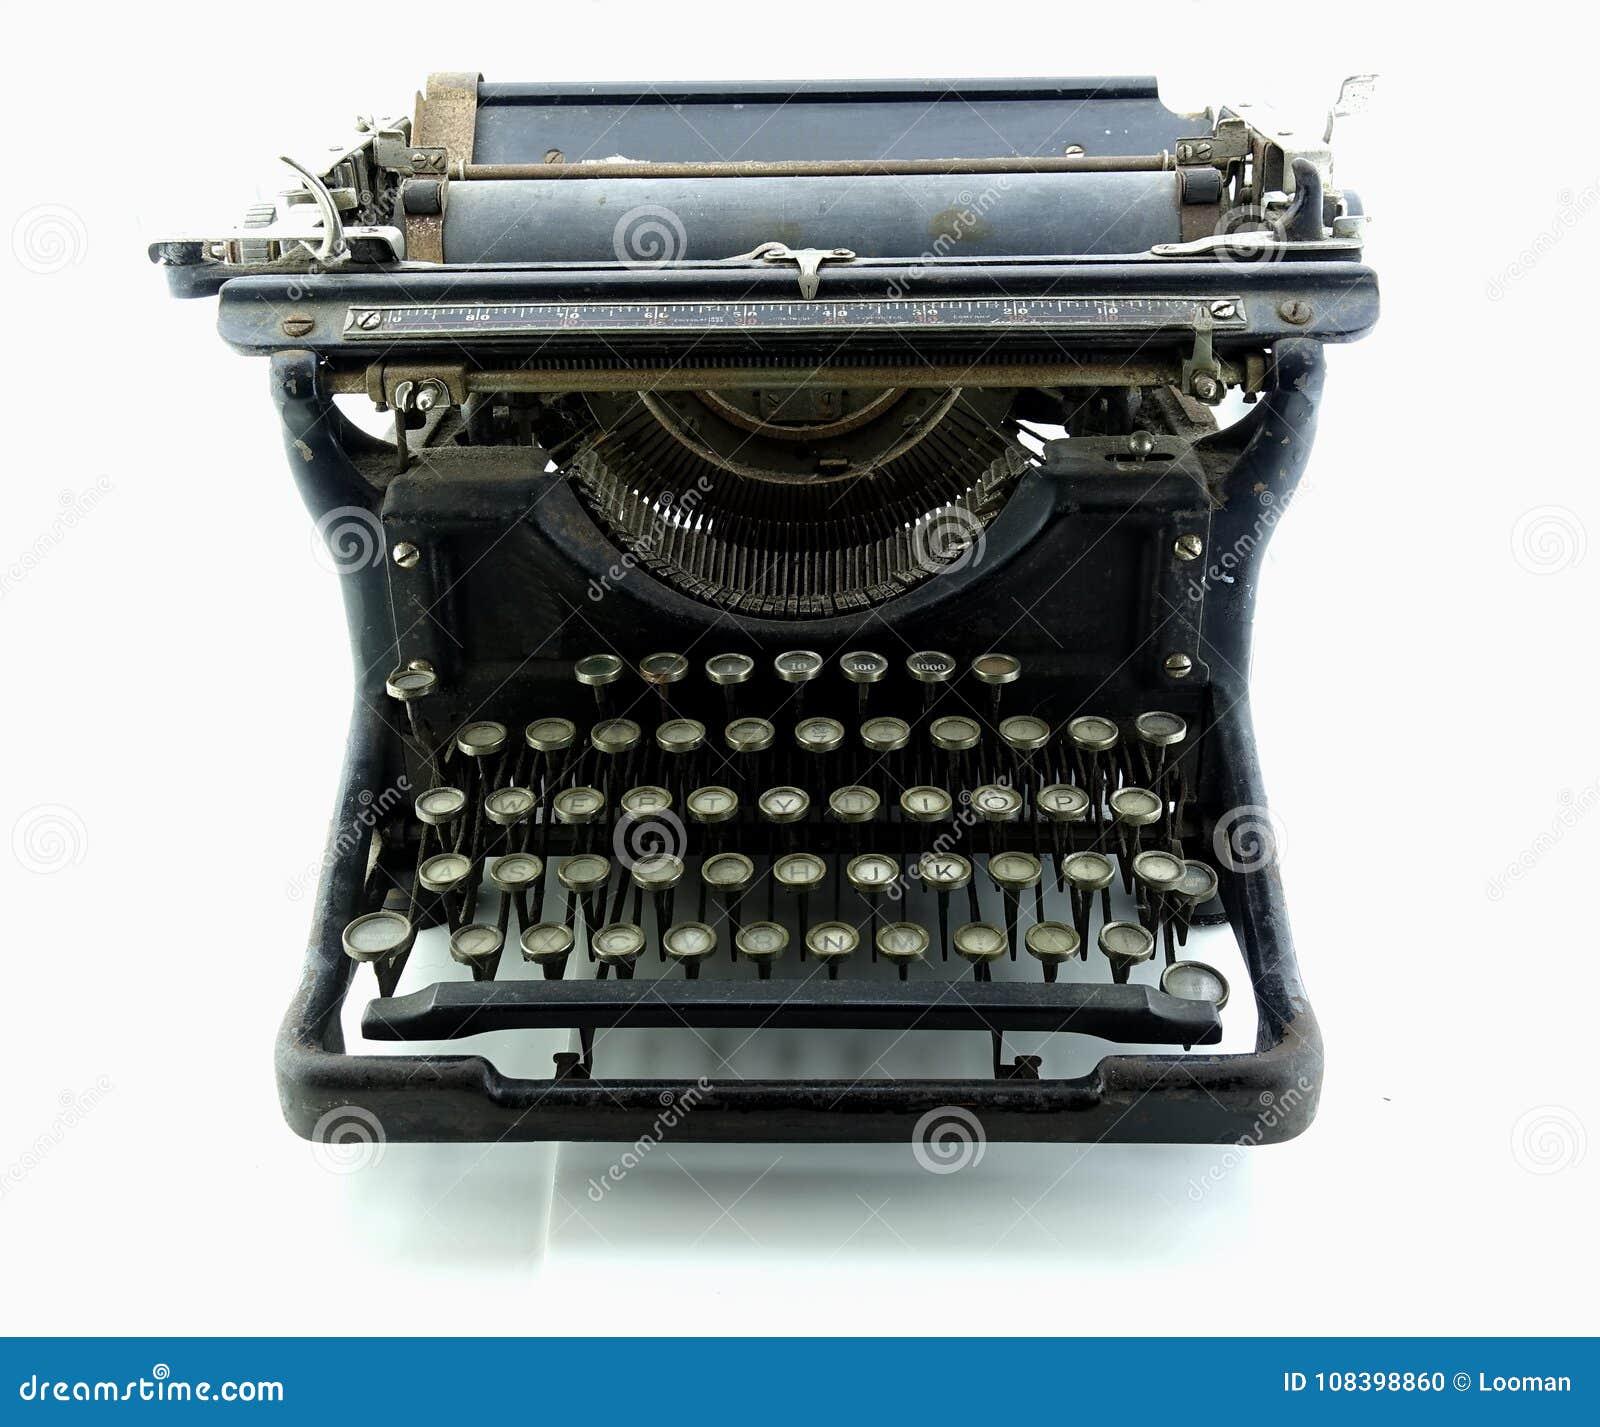 06121c8298c Old Rusty Typewriter Isolated Stock Photo - Image of cyrillic ...